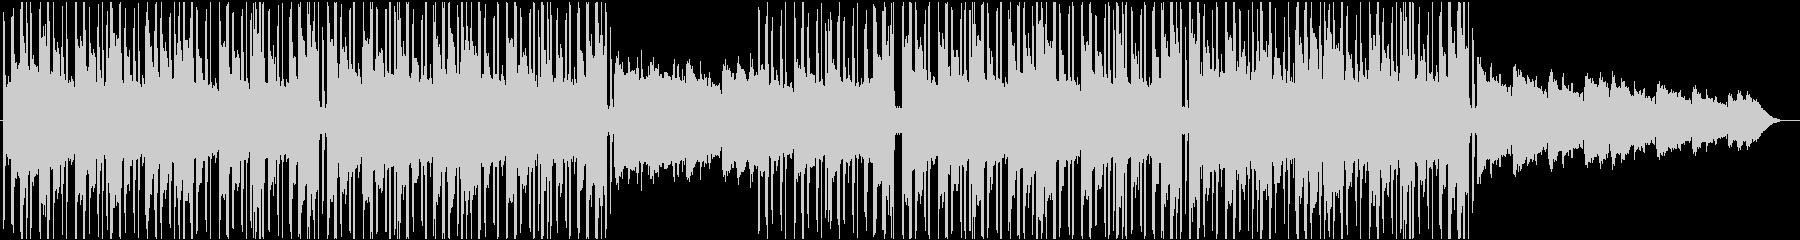 スタイリッシュなヒップホップのリラックスの未再生の波形